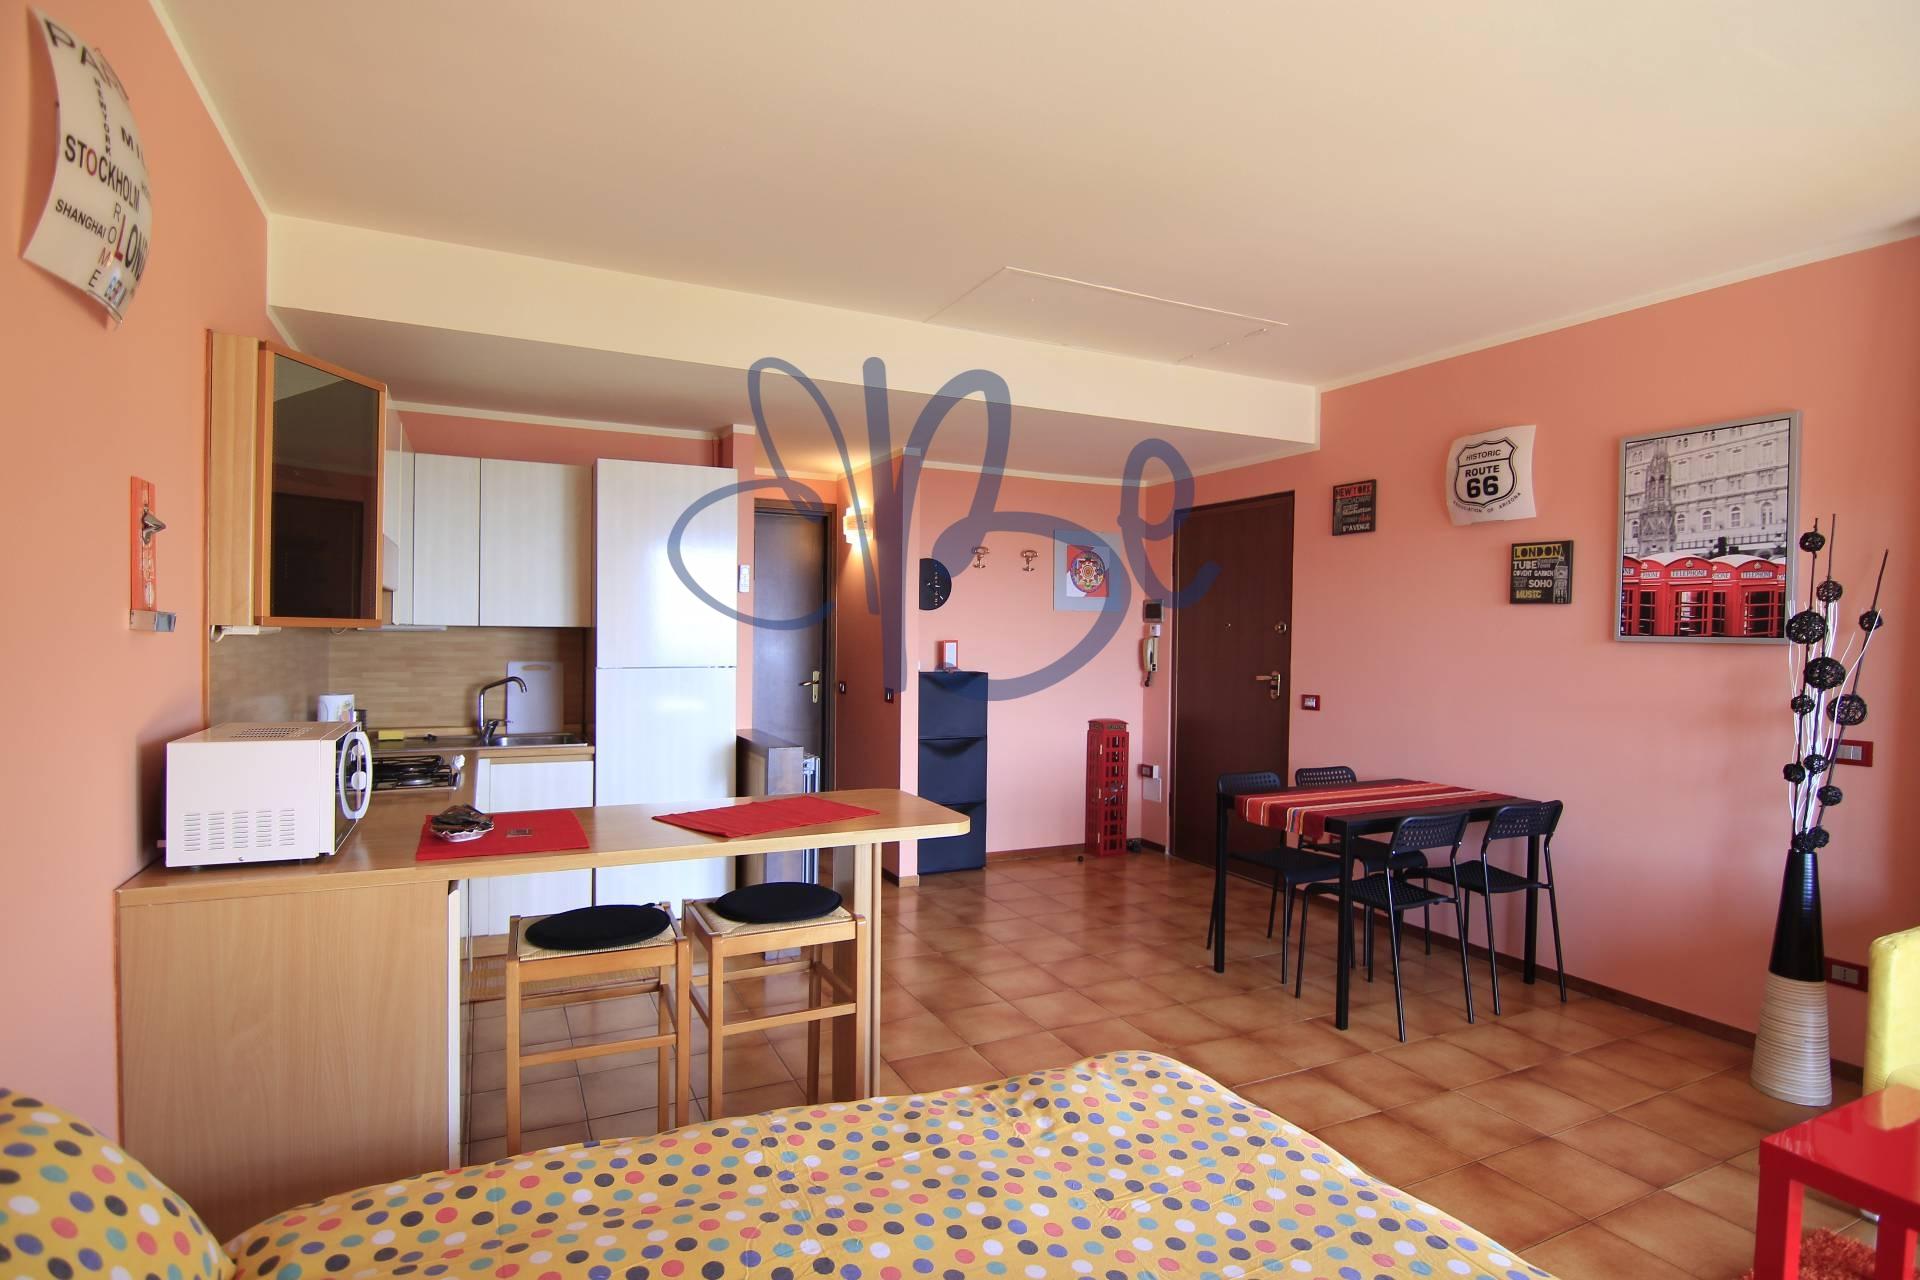 Appartamento in affitto a Roè Volciano, 2 locali, zona Zona: Tormini, Trattative riservate | Cambio Casa.it